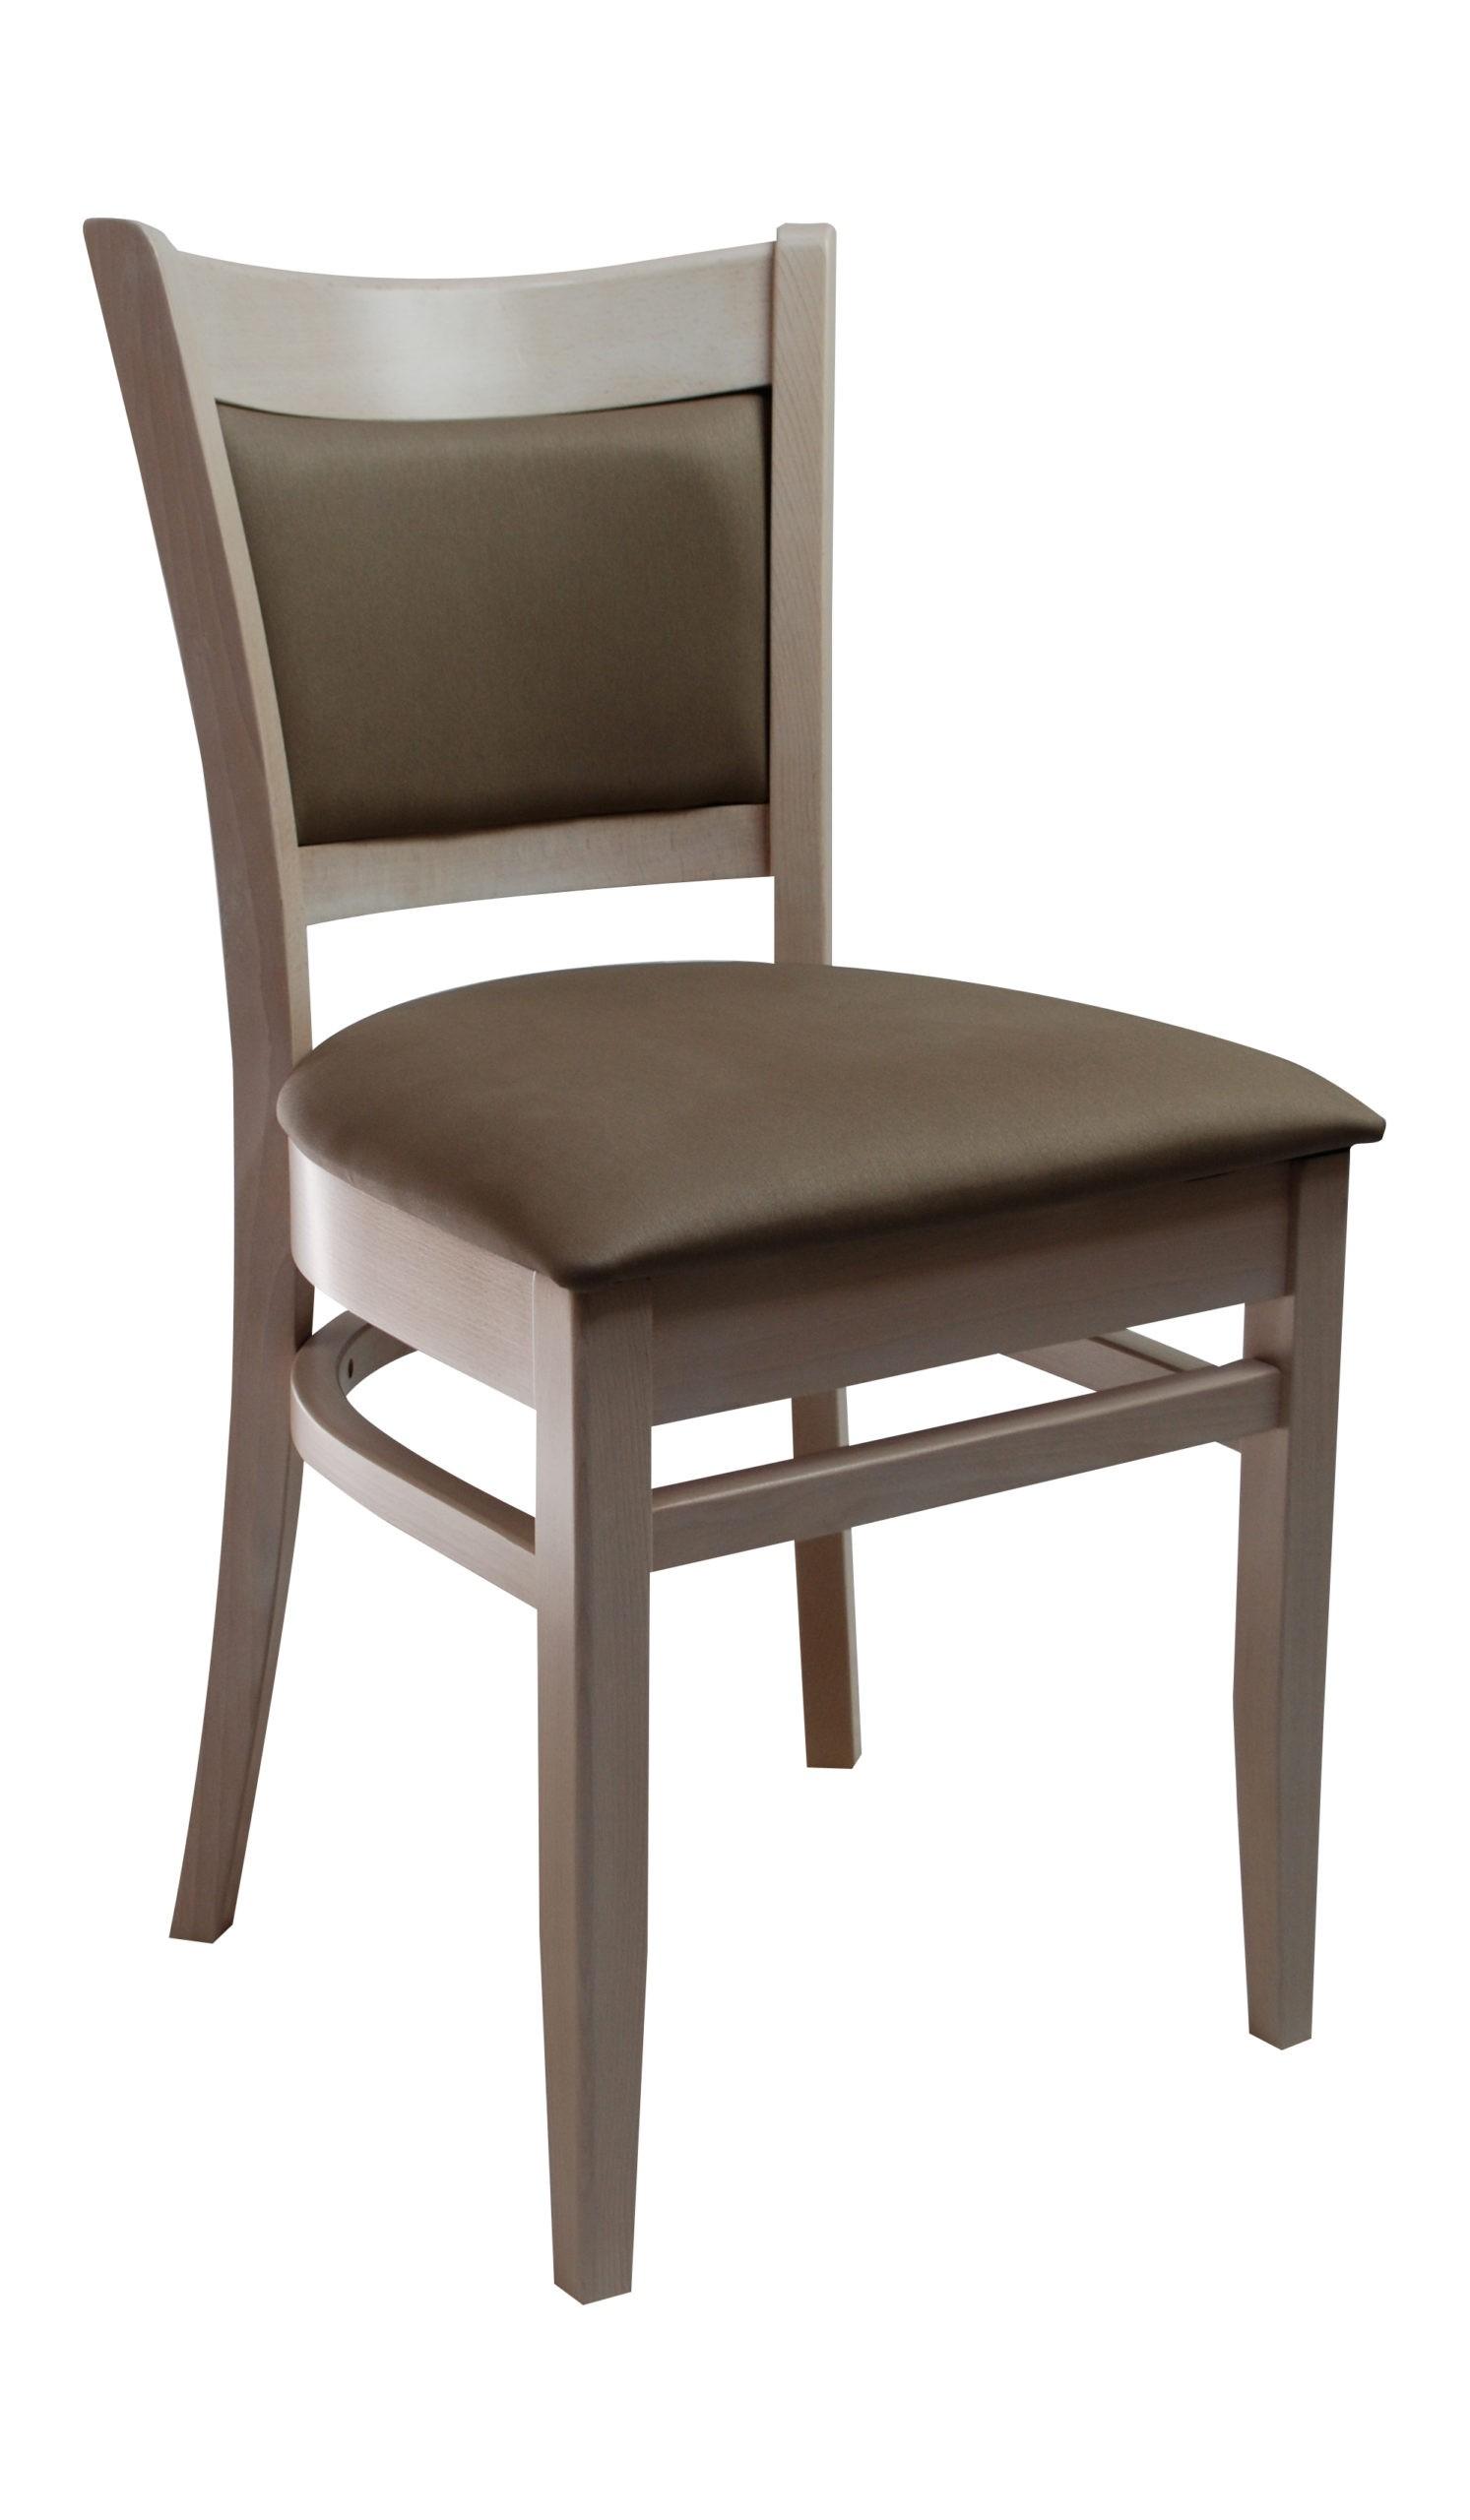 Wygodne krzesło do salonu kuchni jadalni KT 56